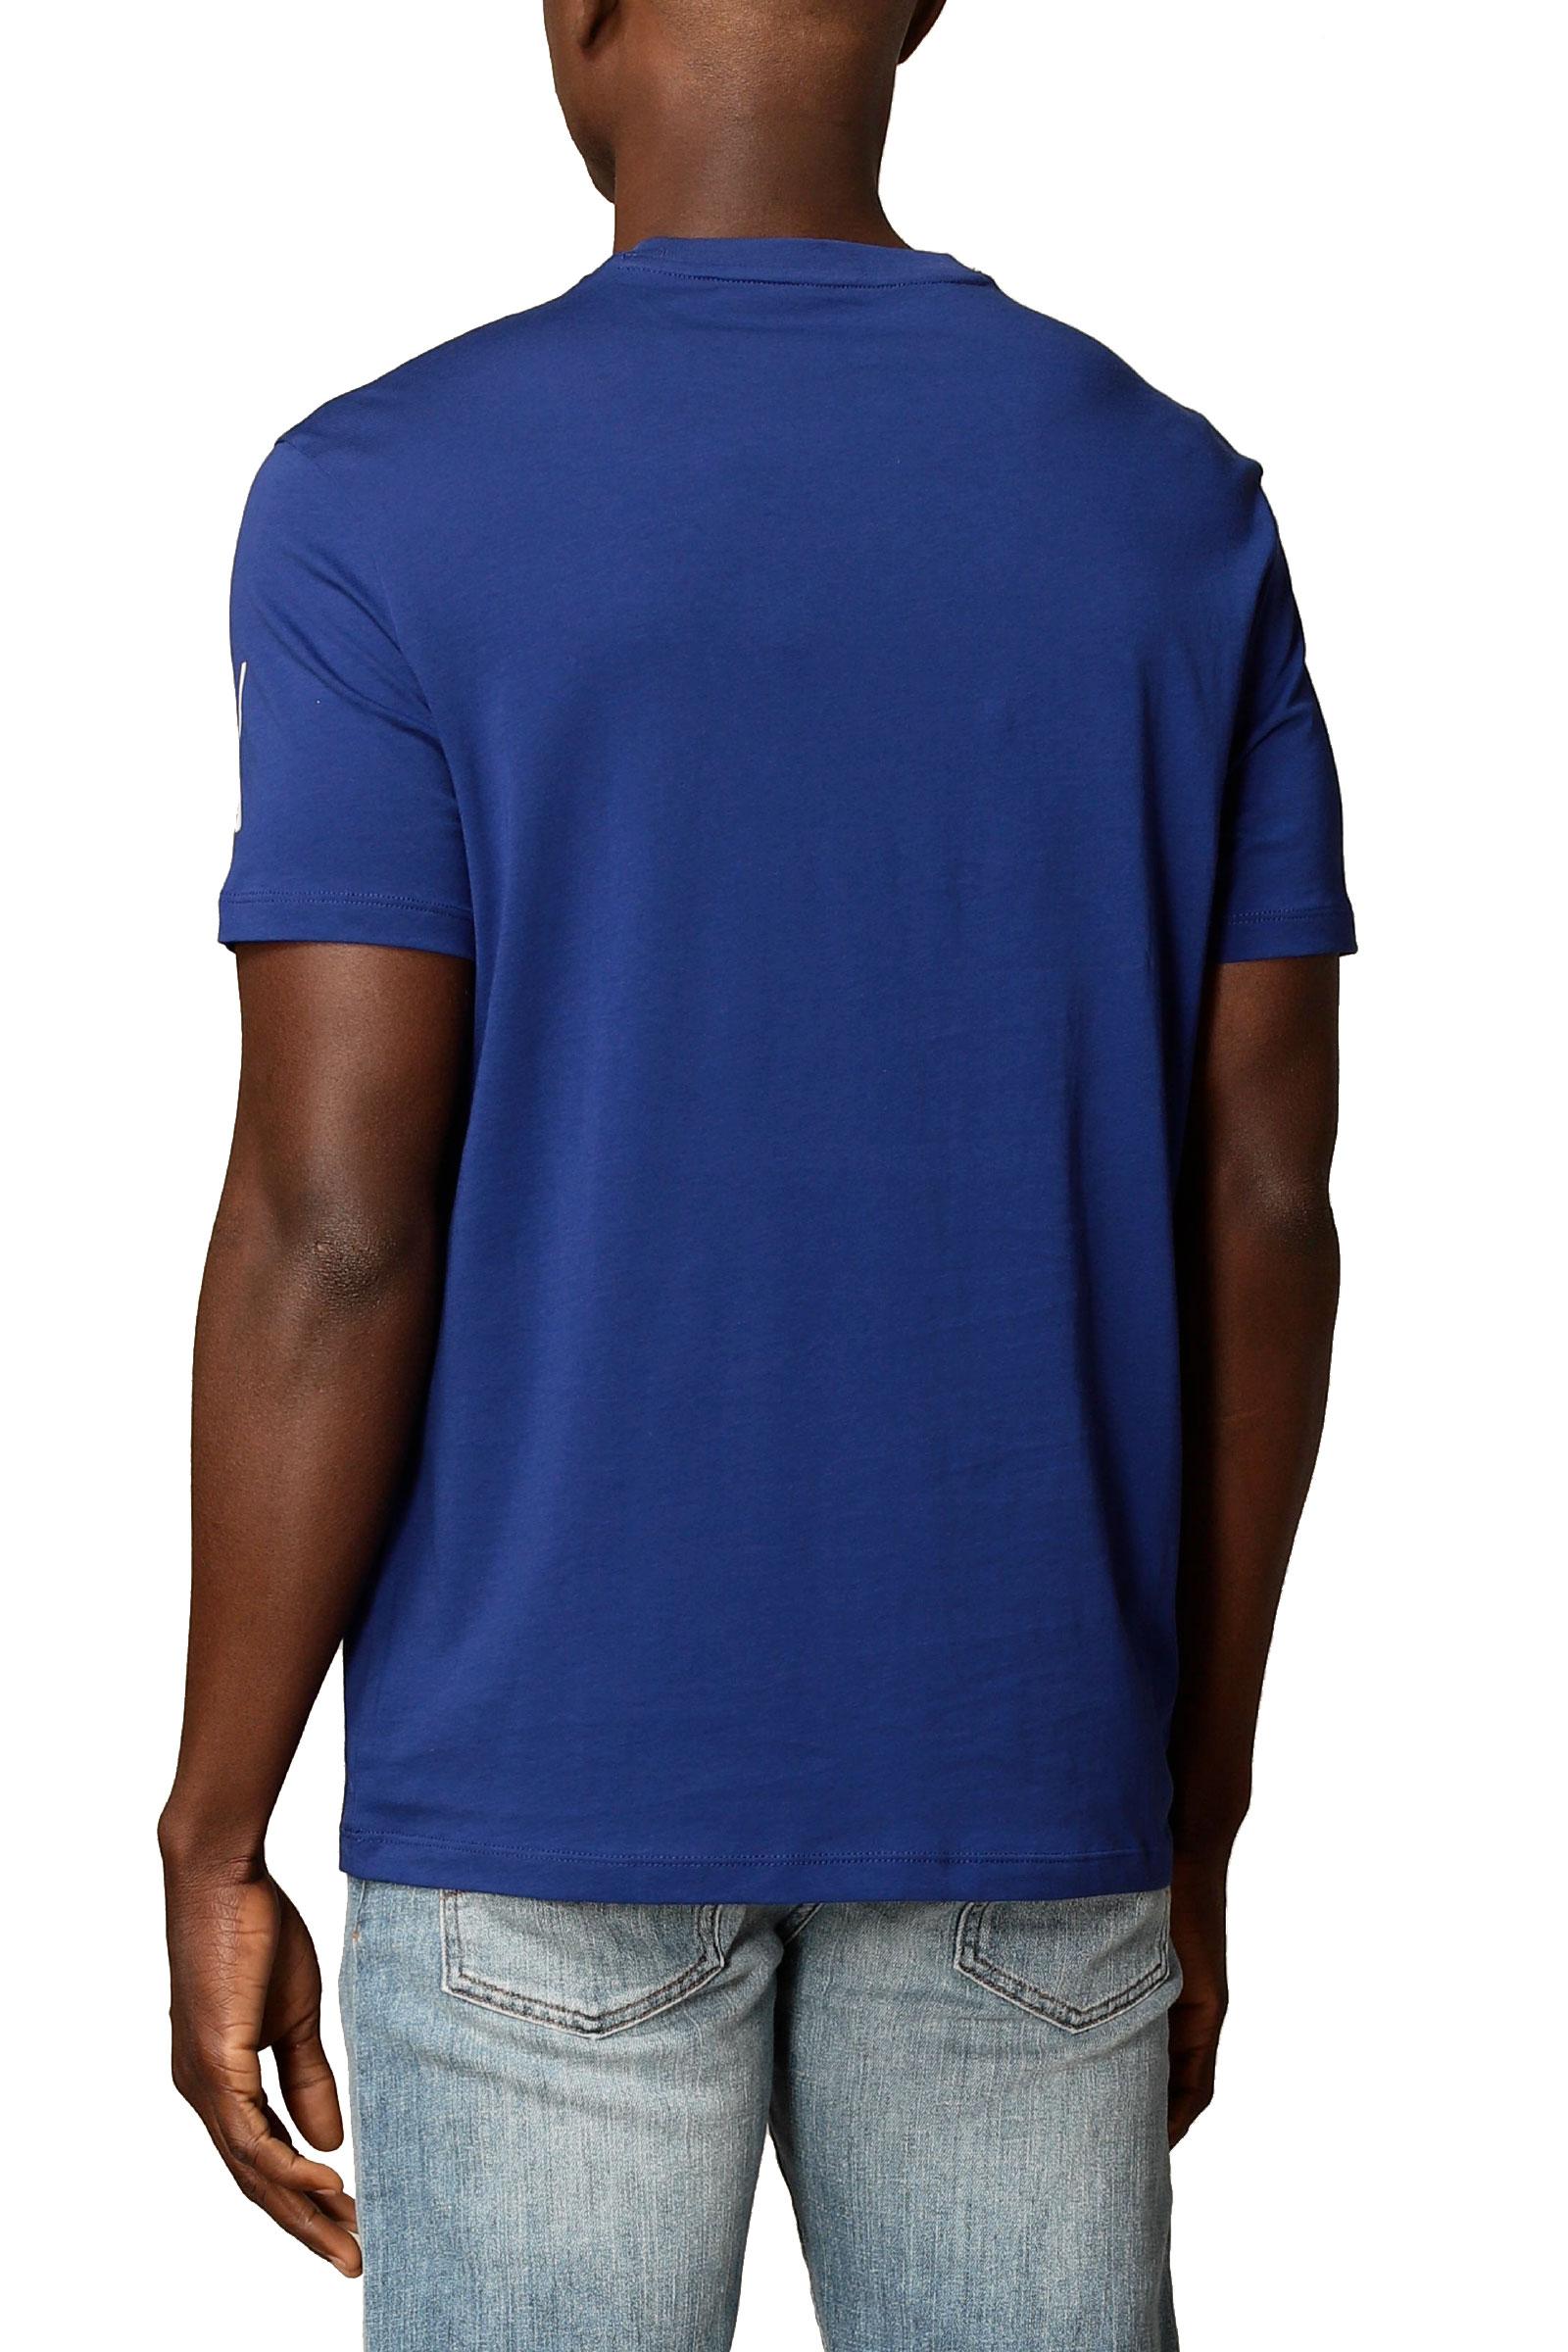 ARMANI EXCHANGE T-Shirt Uomo ARMANI EXCHANGE | T-Shirt | 3KZTGQ ZJH4Z15AE